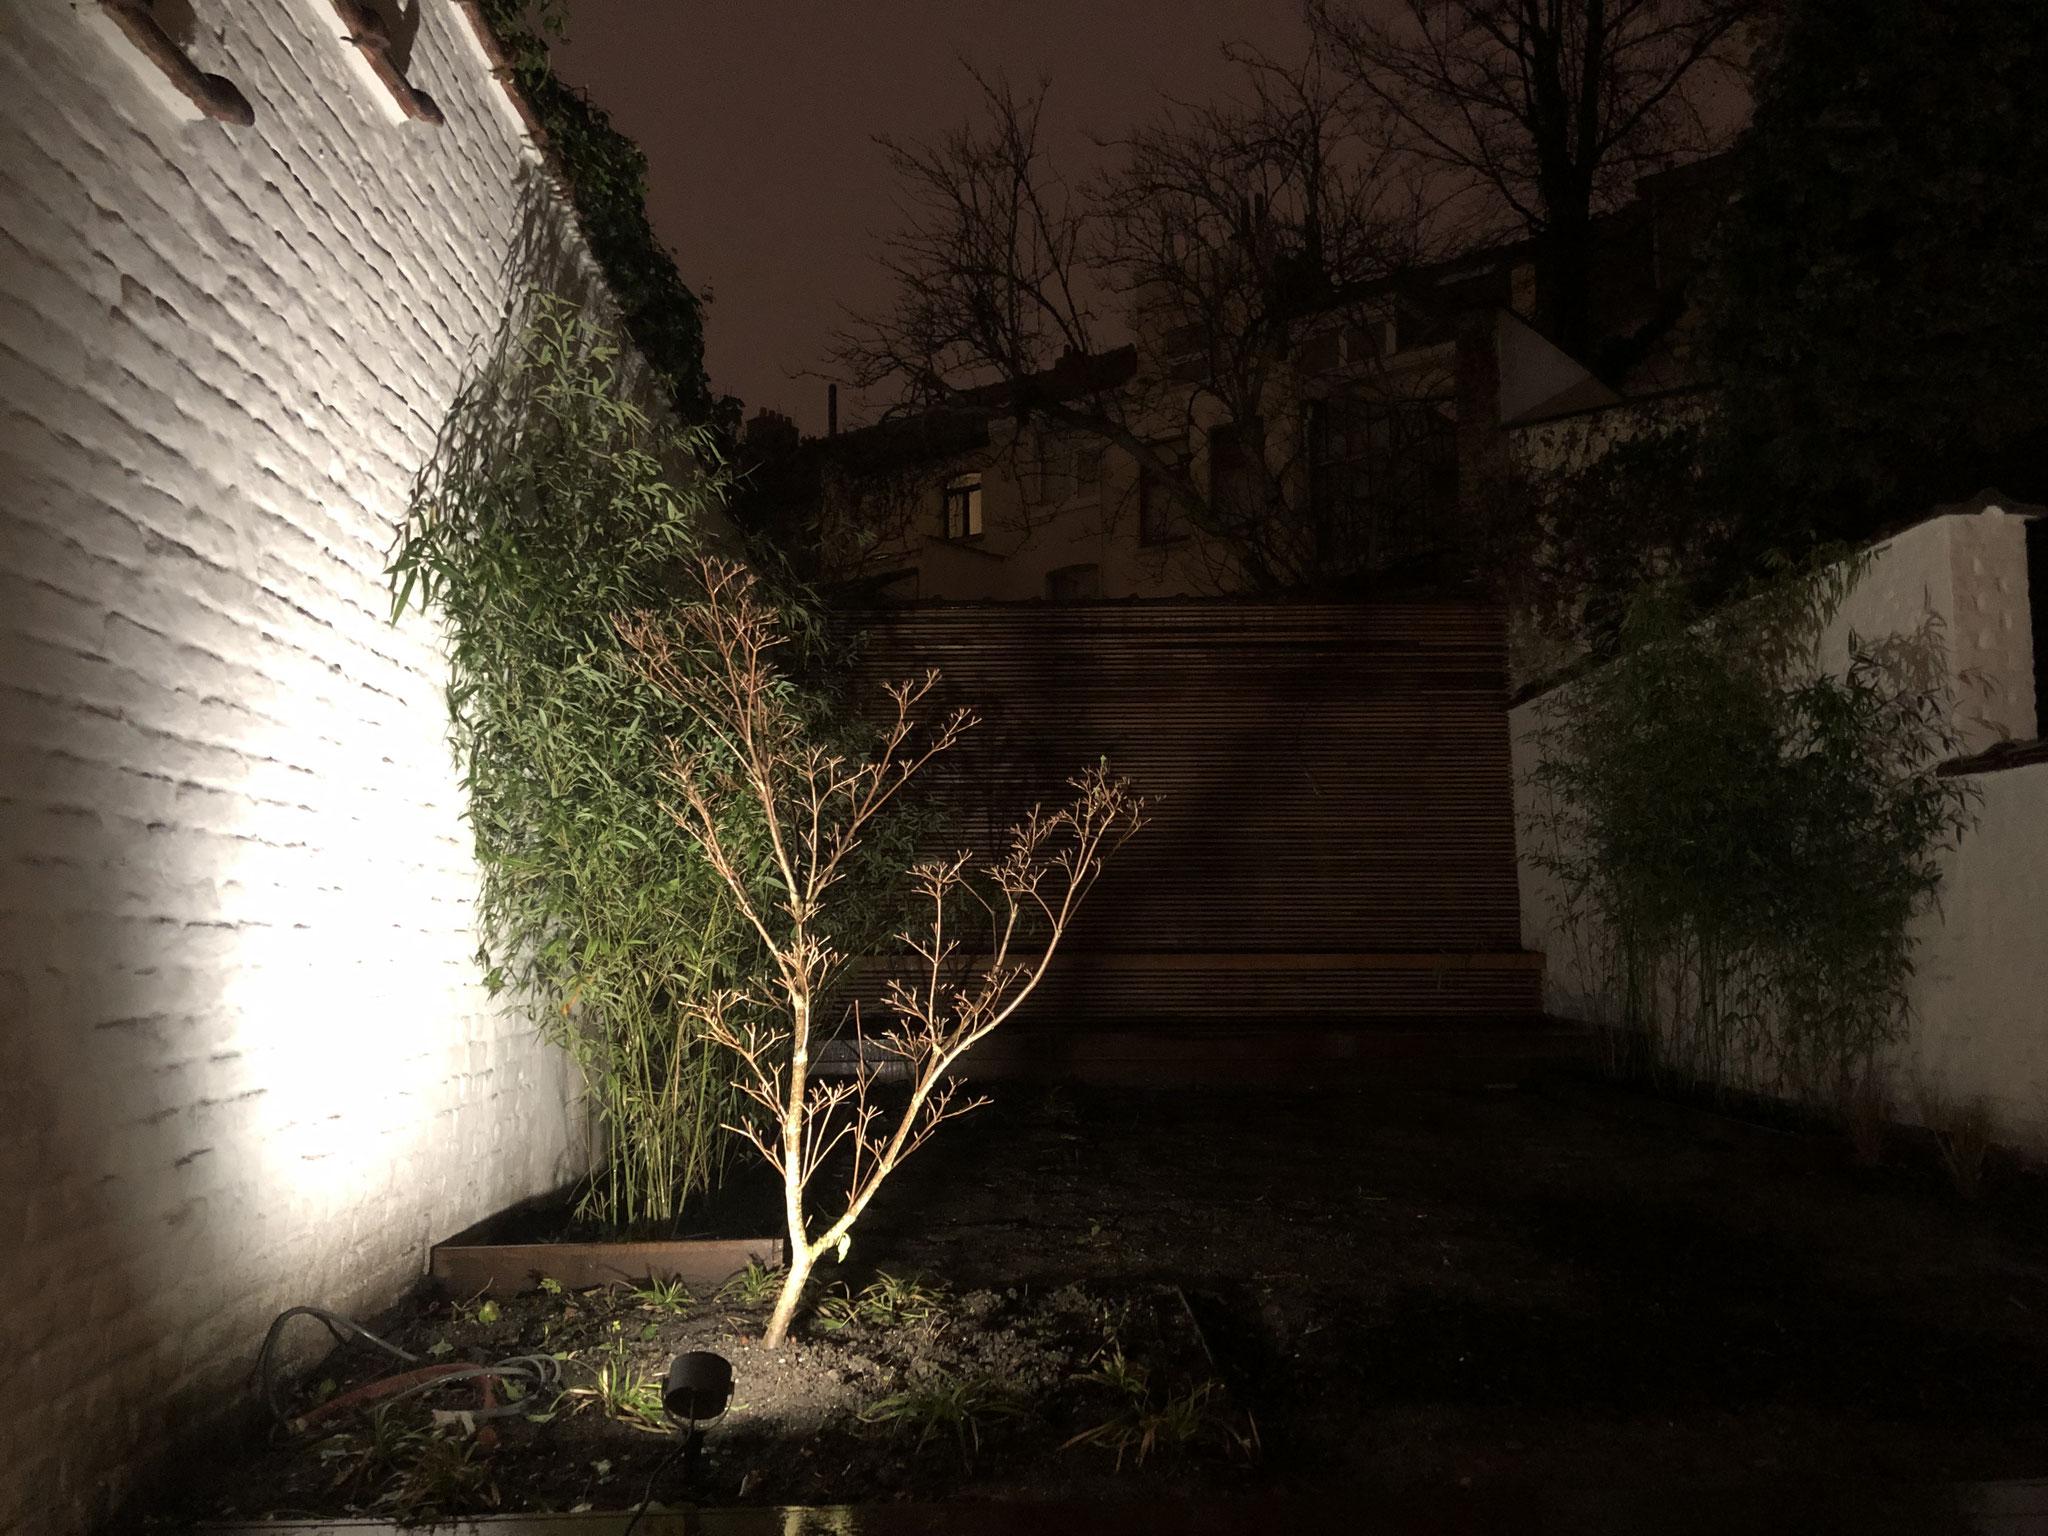 Jardin de 100m2 - Style contemporain - Détail / Eclairage platebande. Aménagement jardin Bruxelles